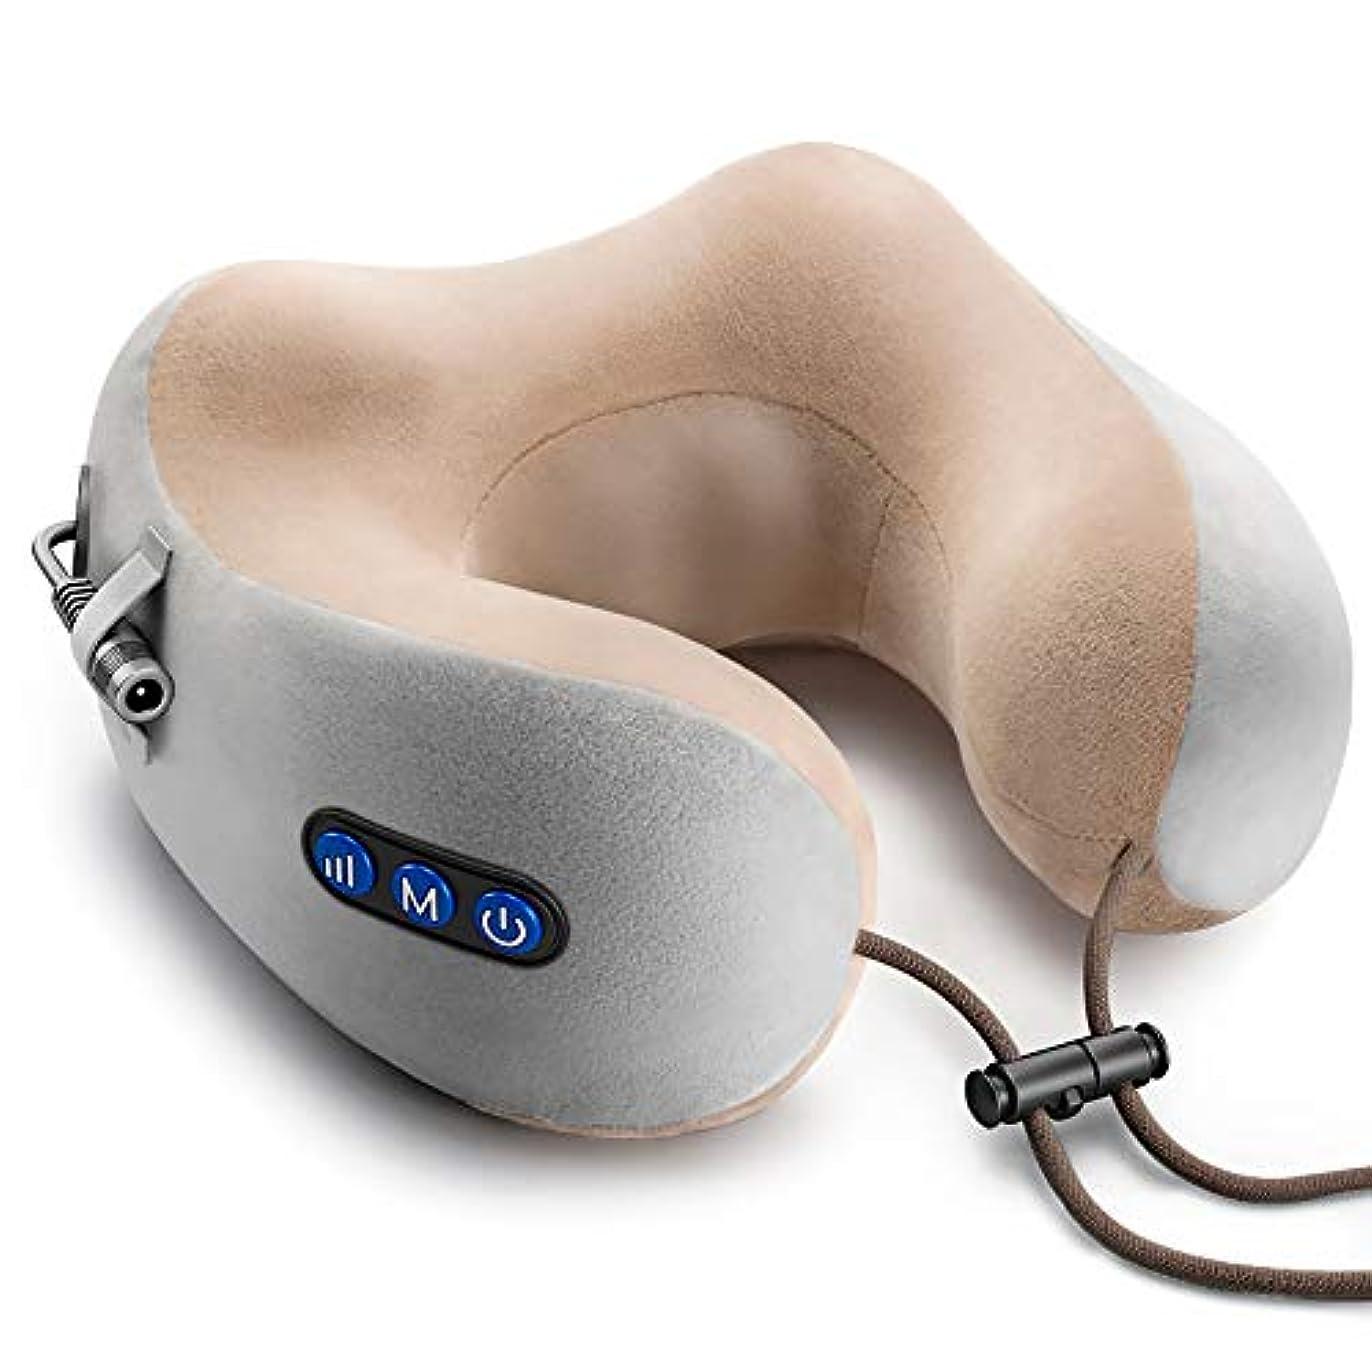 不安疫病深く首マッサージャー ネックマッサージャー U型 USB充電式 3モード 低反発ネックマッサージピロー 自動オフ機能 肩こり ストレス解消 多機能 人間工学 日本語取扱説明書付 プレゼント